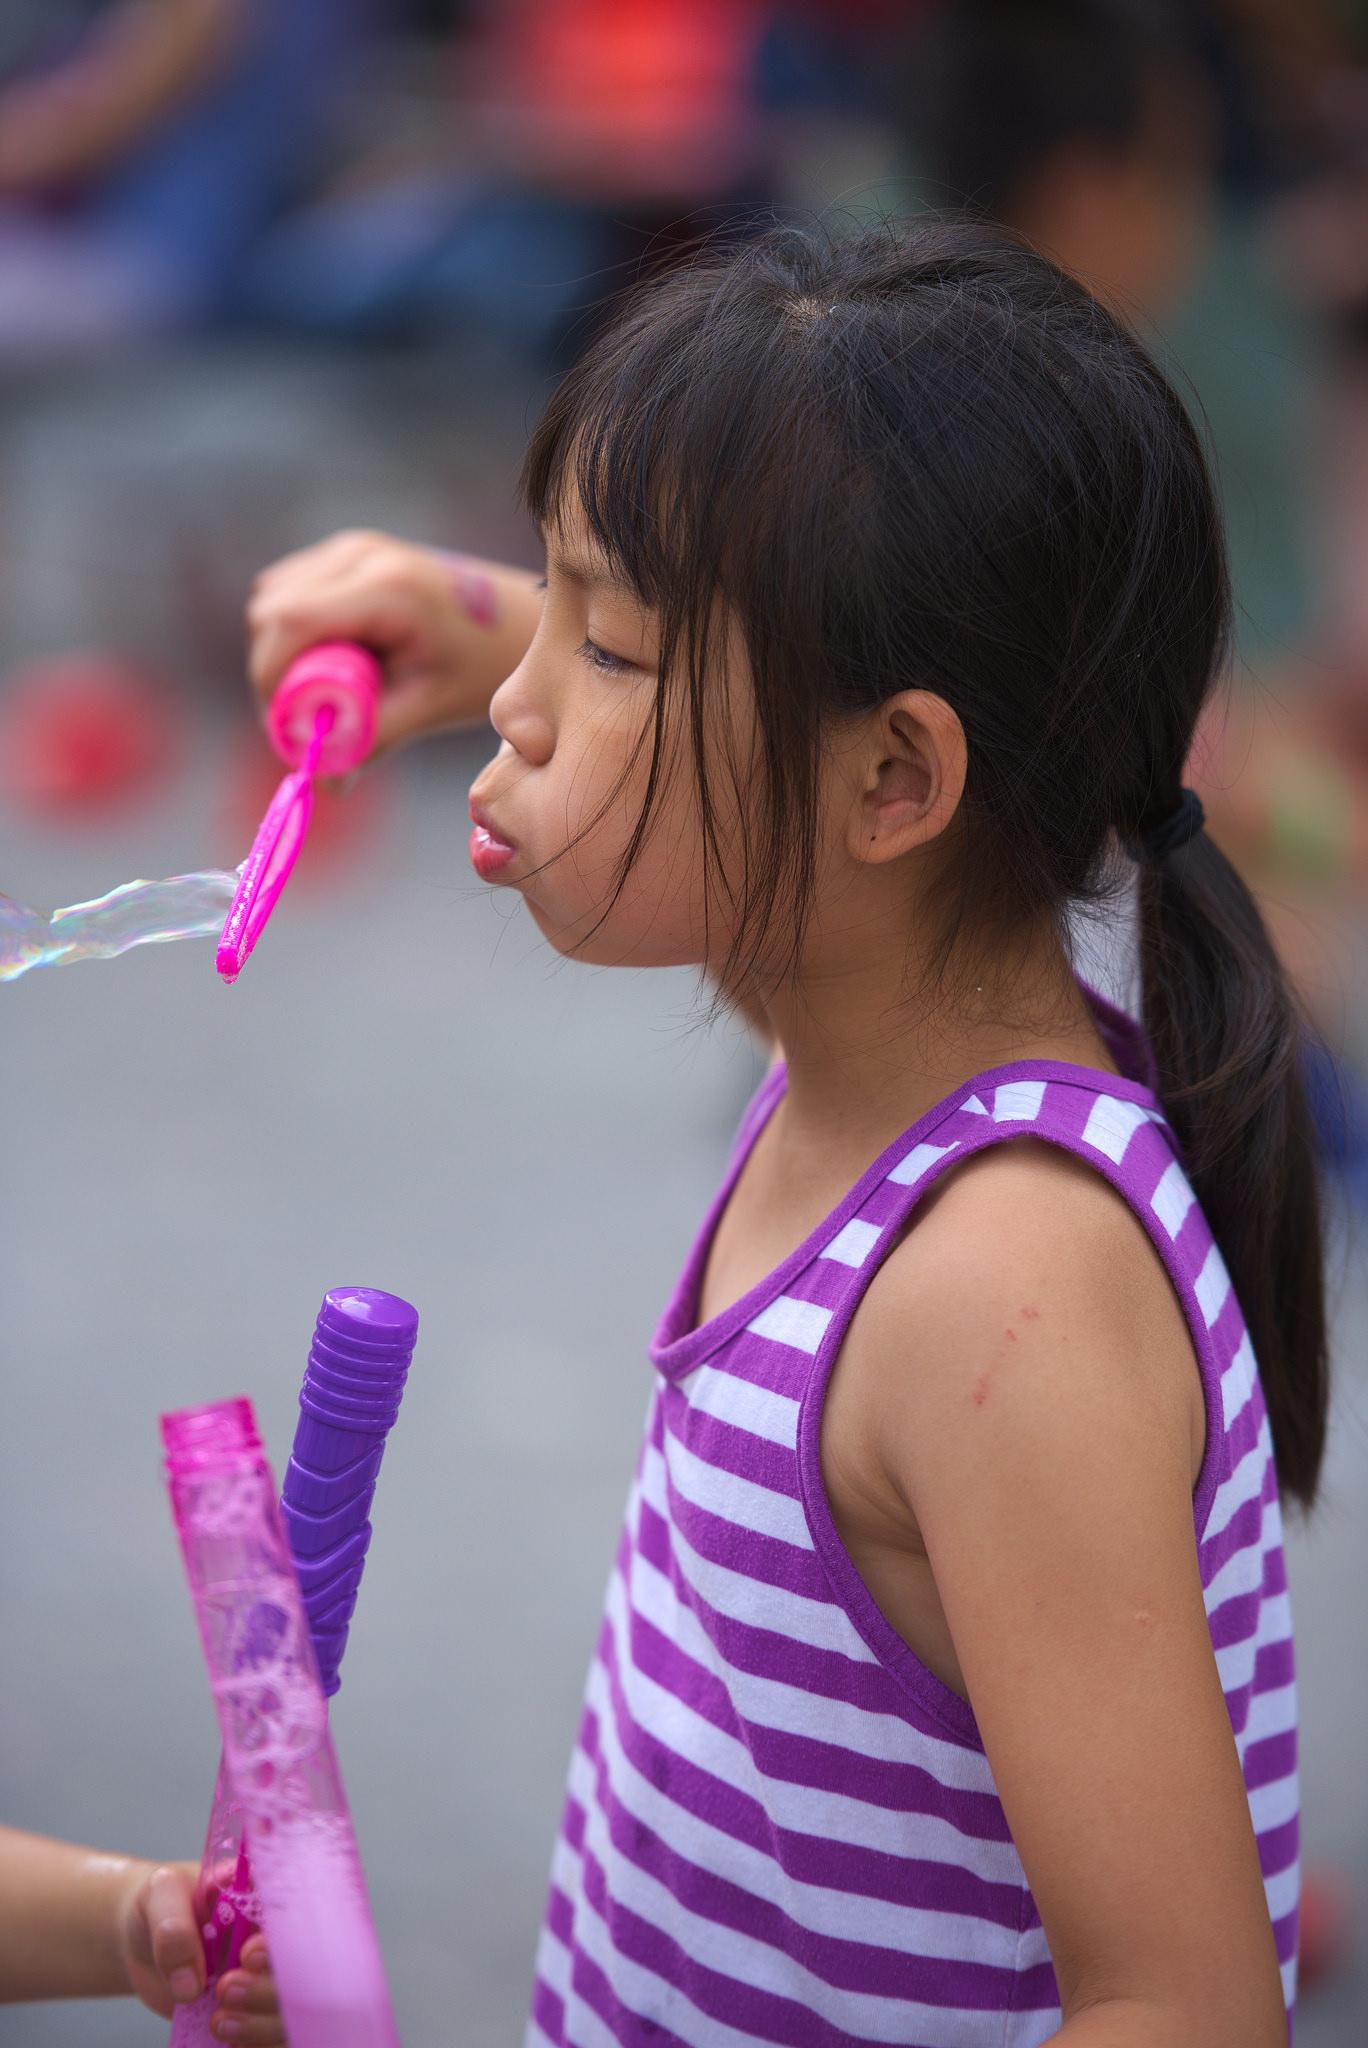 Kids_bubbles4.jpg